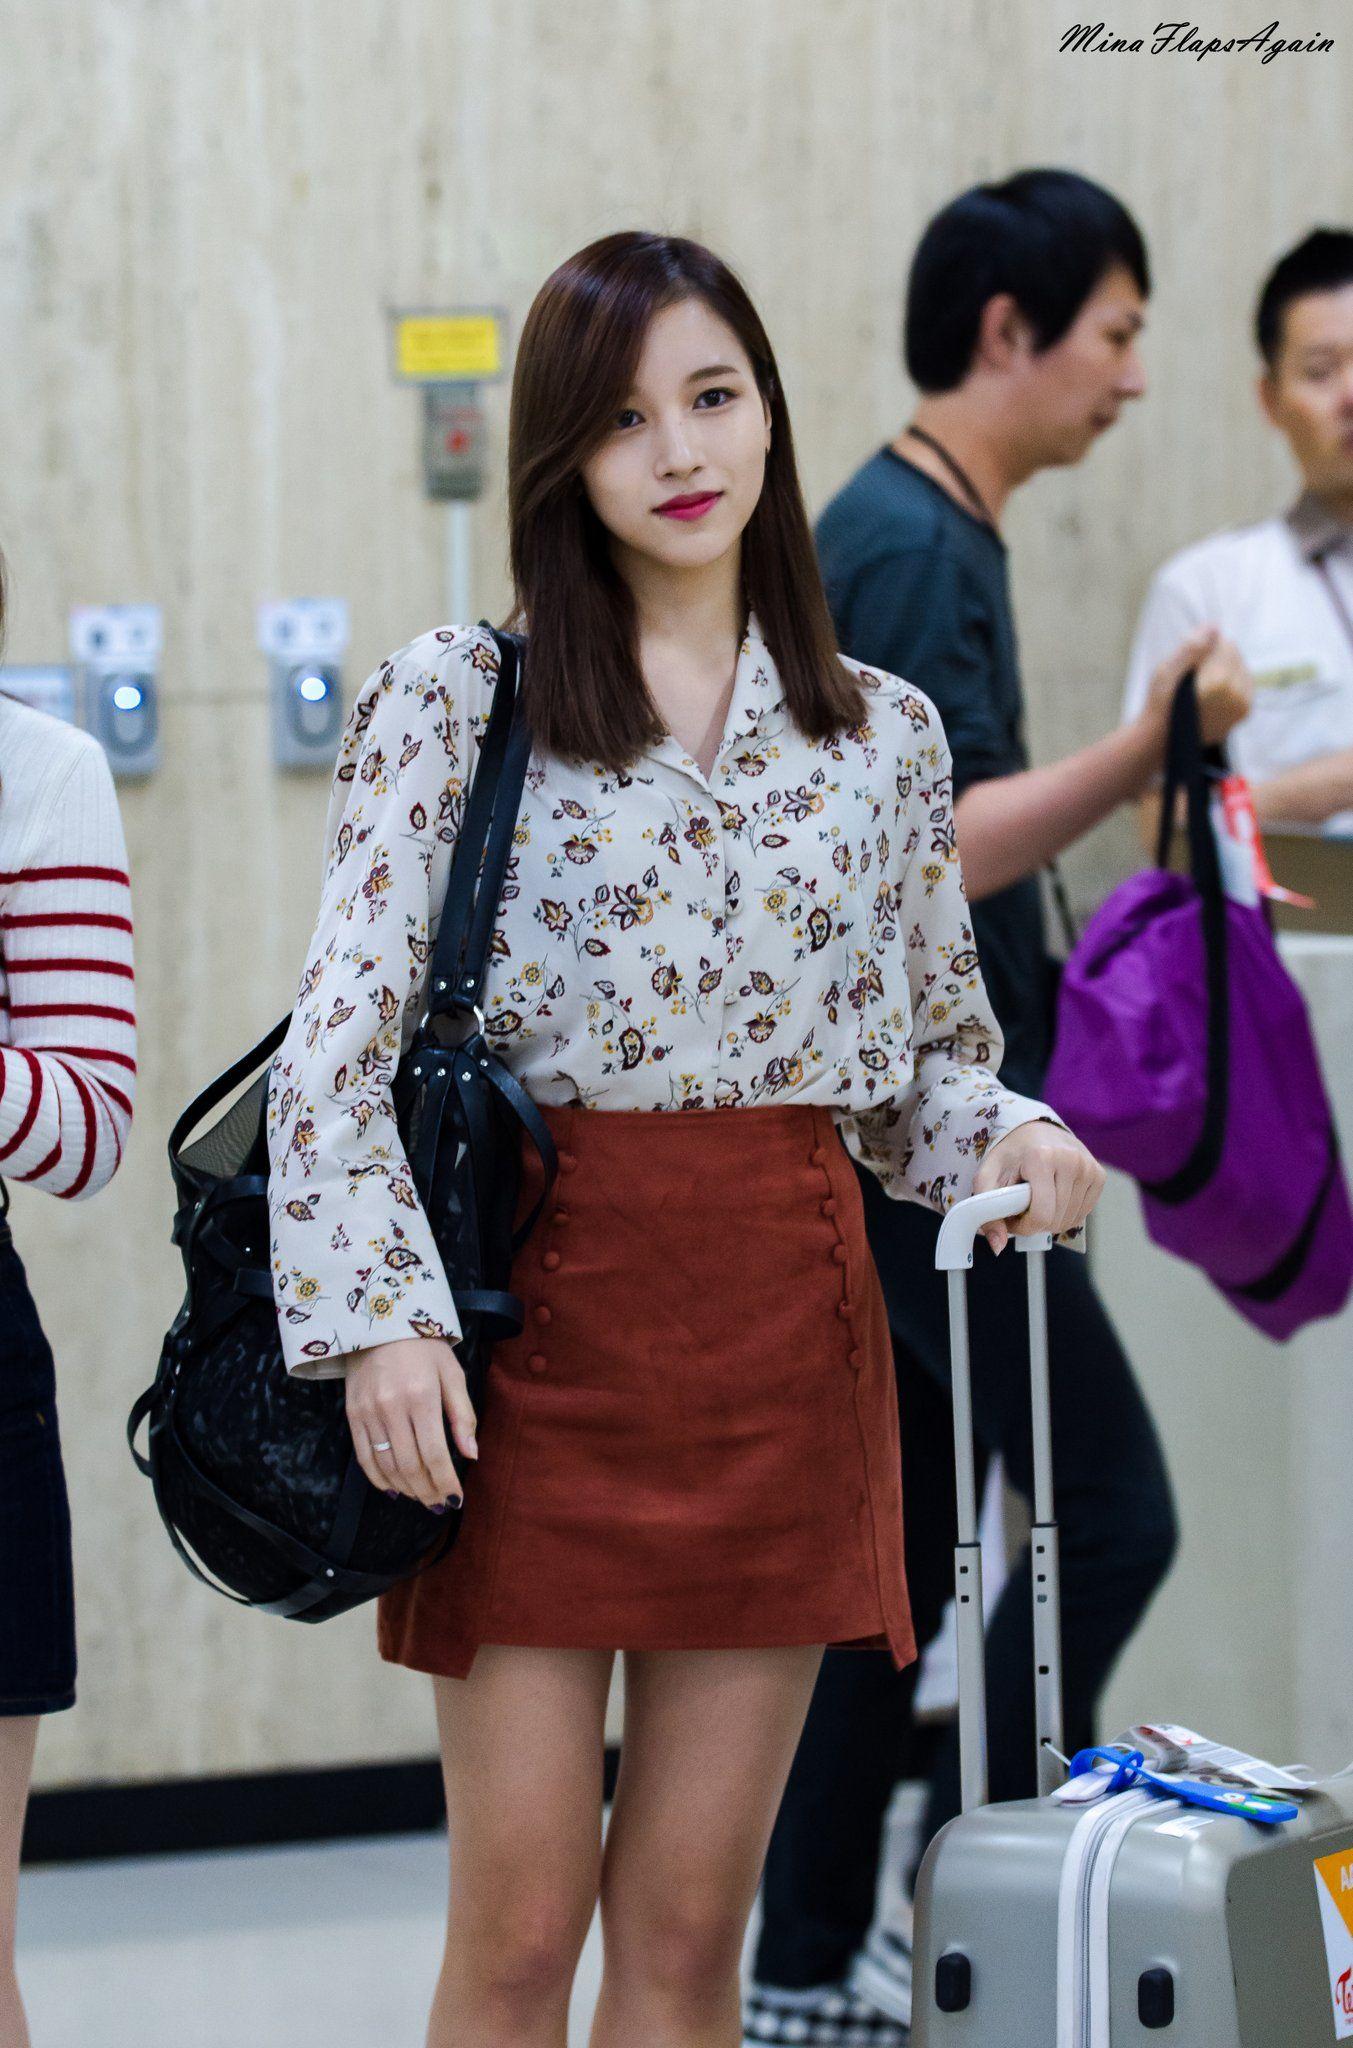 """Quả đúng là tiểu thư gia thế khủng, Mina (TWICE) mặc toàn đồ đơn giản cũng tỏa khí chất """"lá ngọc cành vàng"""" nhìn mà mê  - Ảnh 7."""